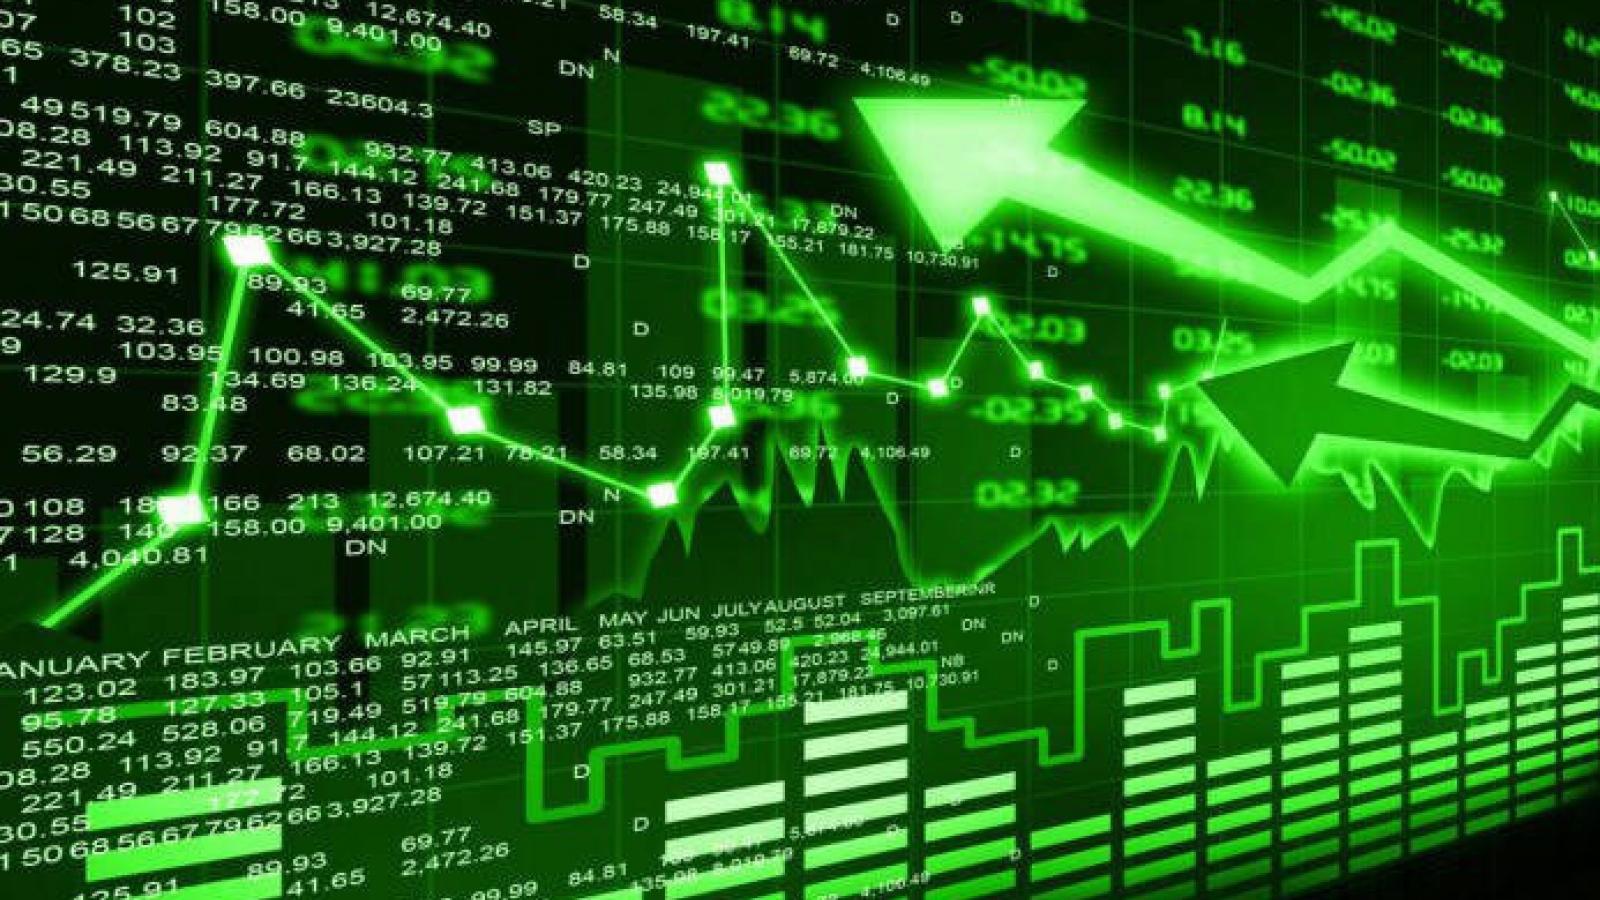 Nhà đầu tư nên tận dụng những nhịp tăng điểm trong tuần này để chốt lời